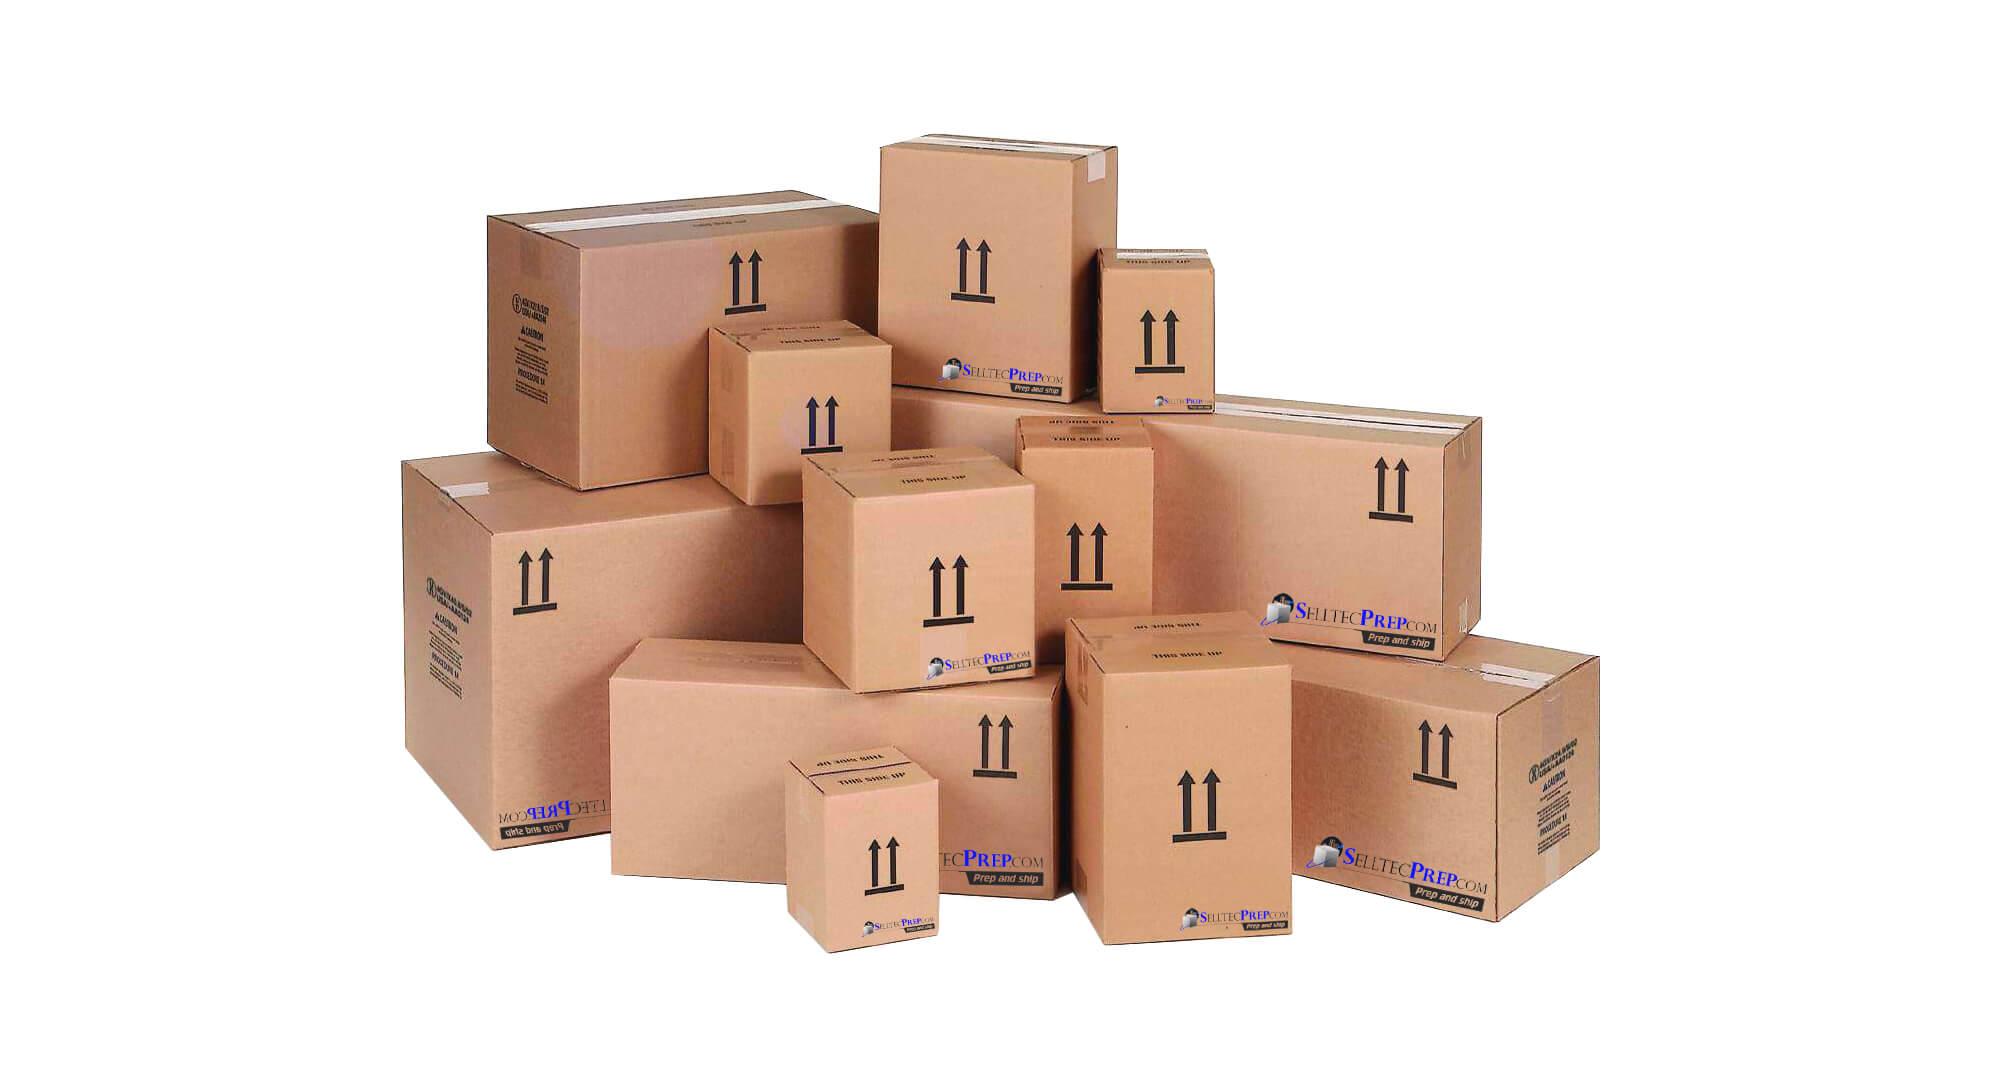 Holding Shipment